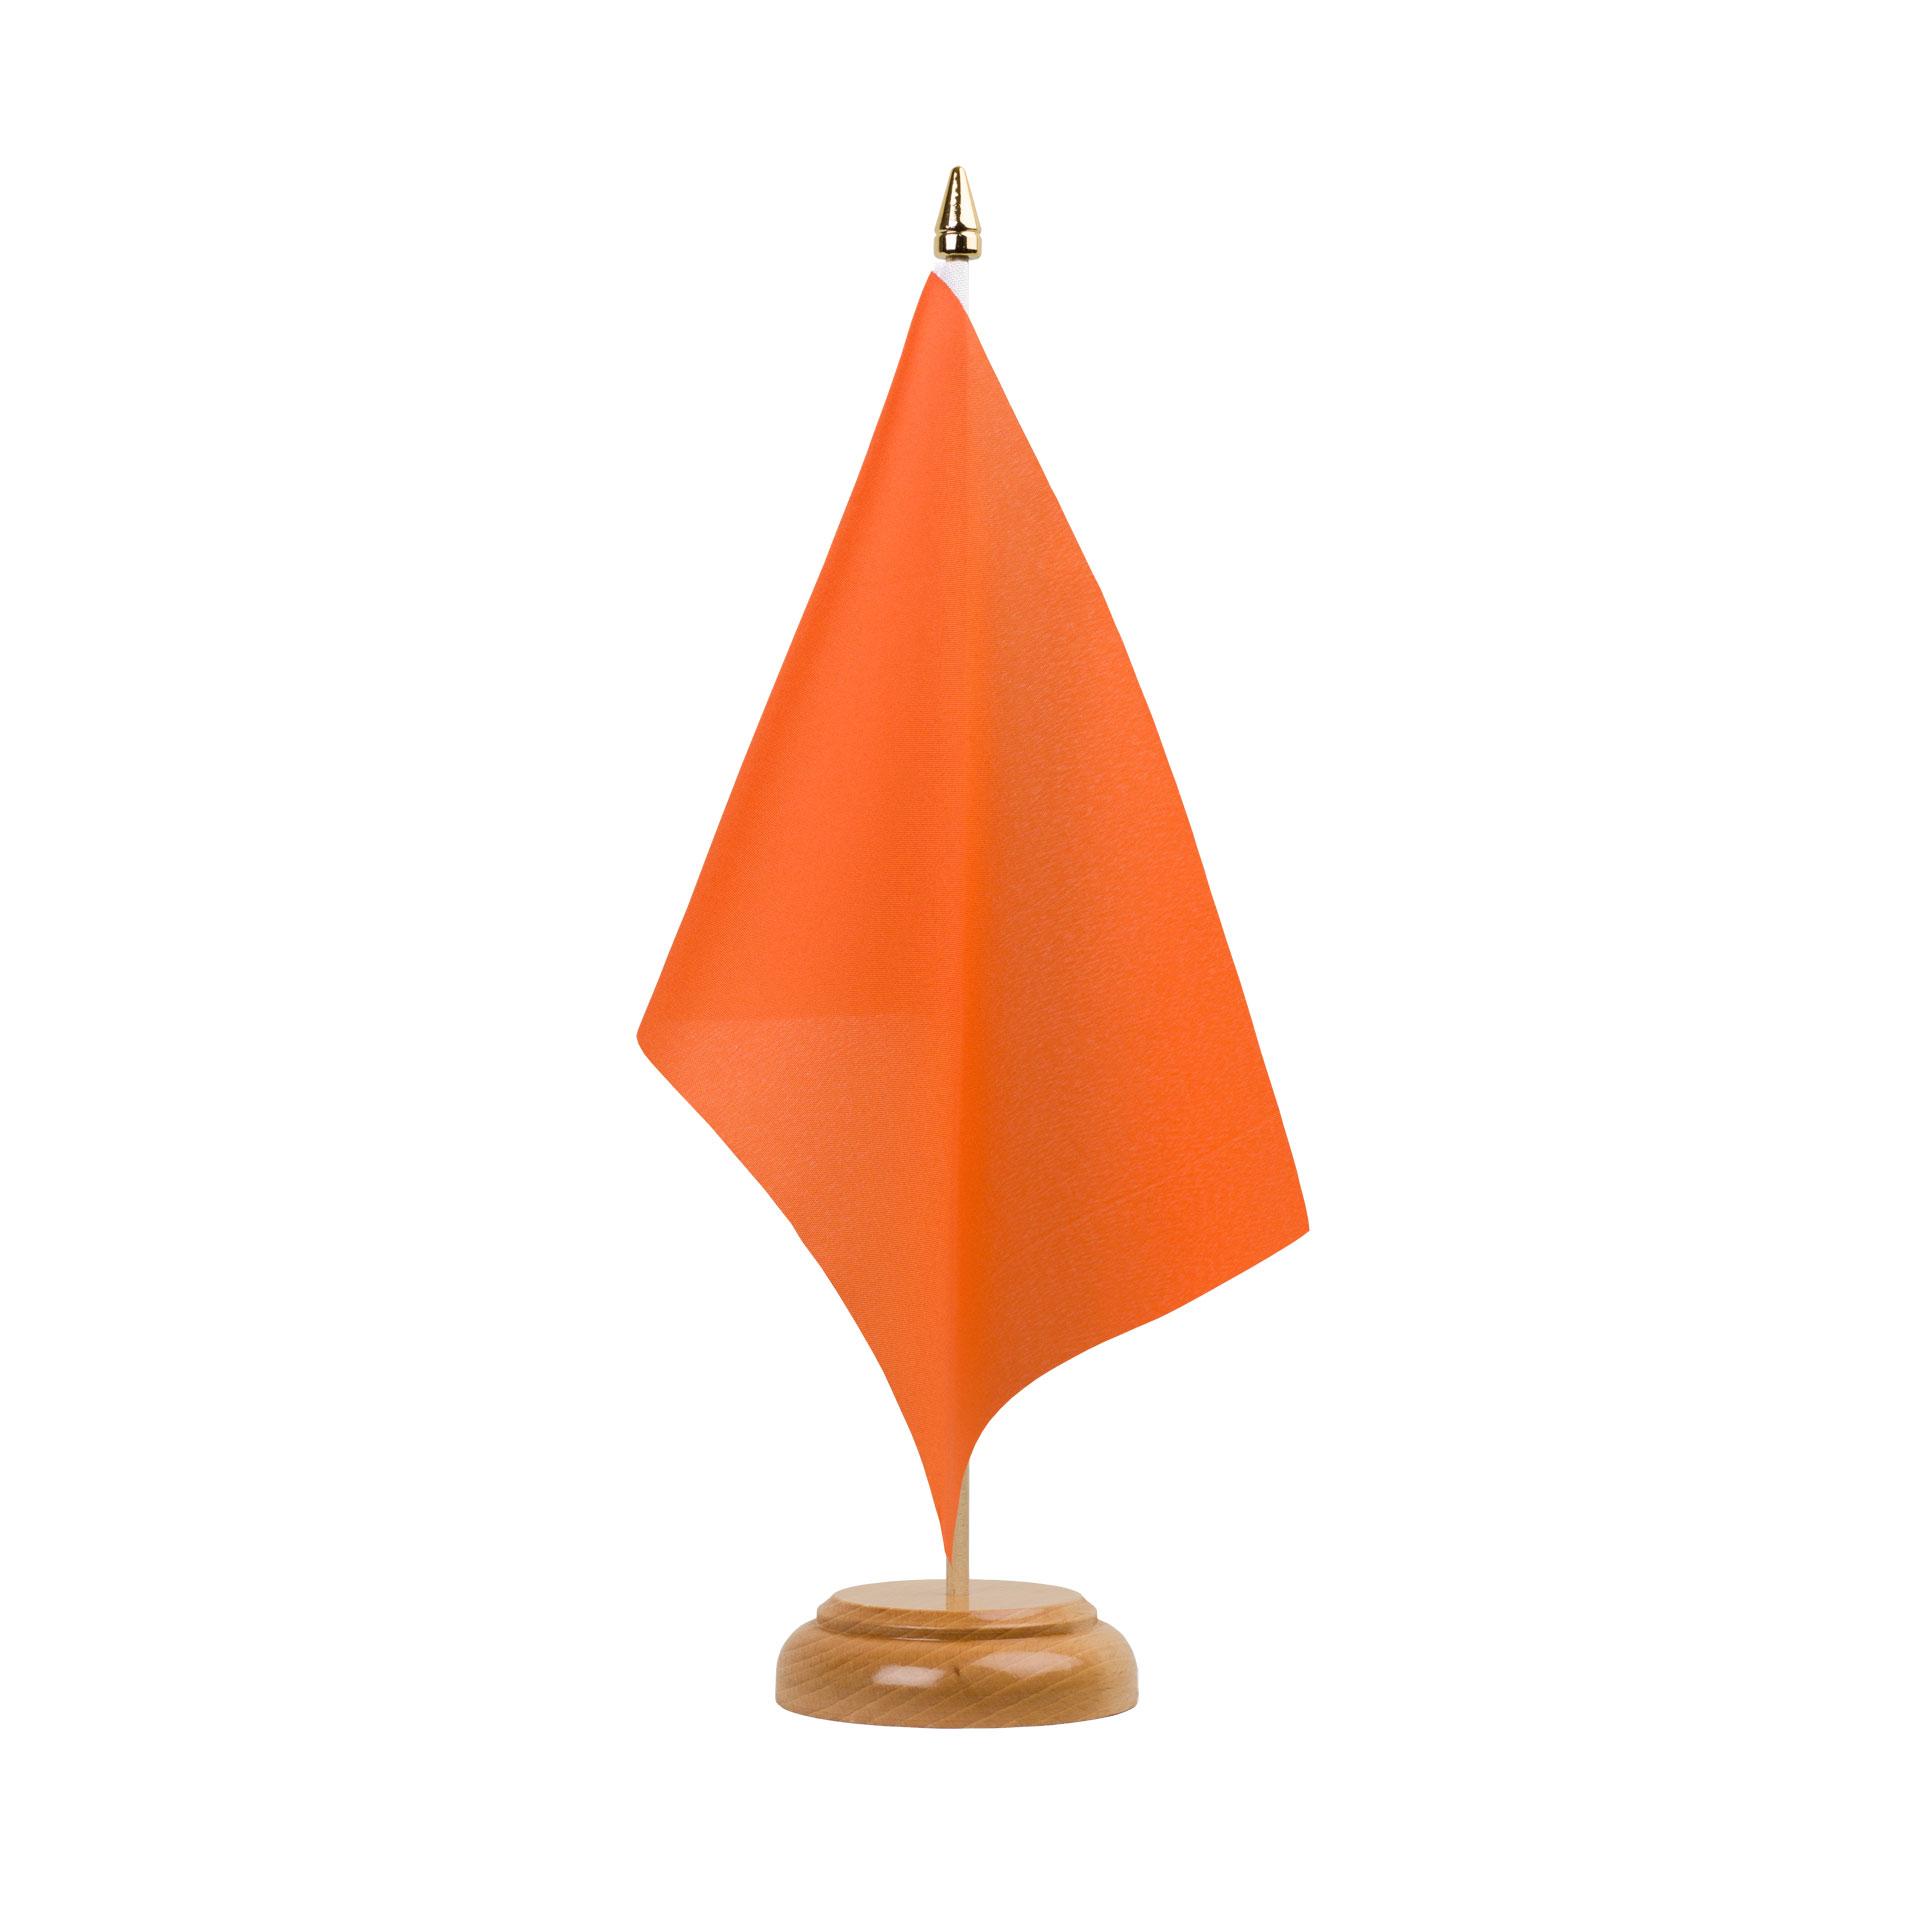 Drapeau De Table Orange 15 X 22 Cm Bois Monsieur Des Drapeaux